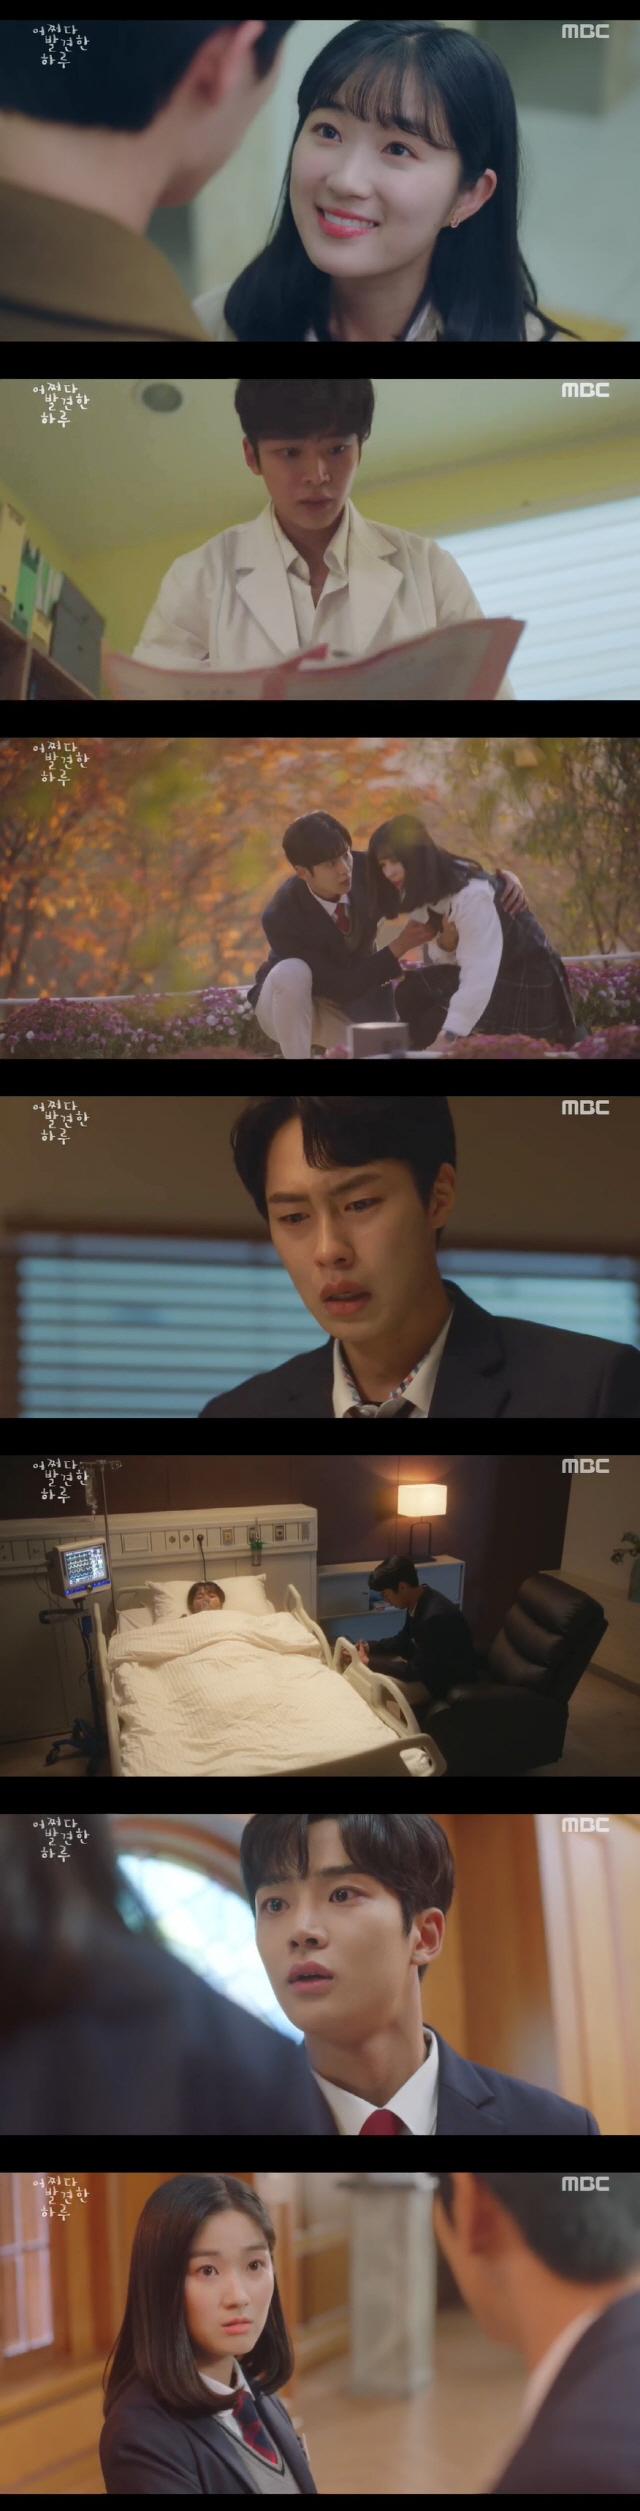 '어쩌다 발견한 하루' 김혜윤, 충격적 반전 엔딩에 시청자들 경악